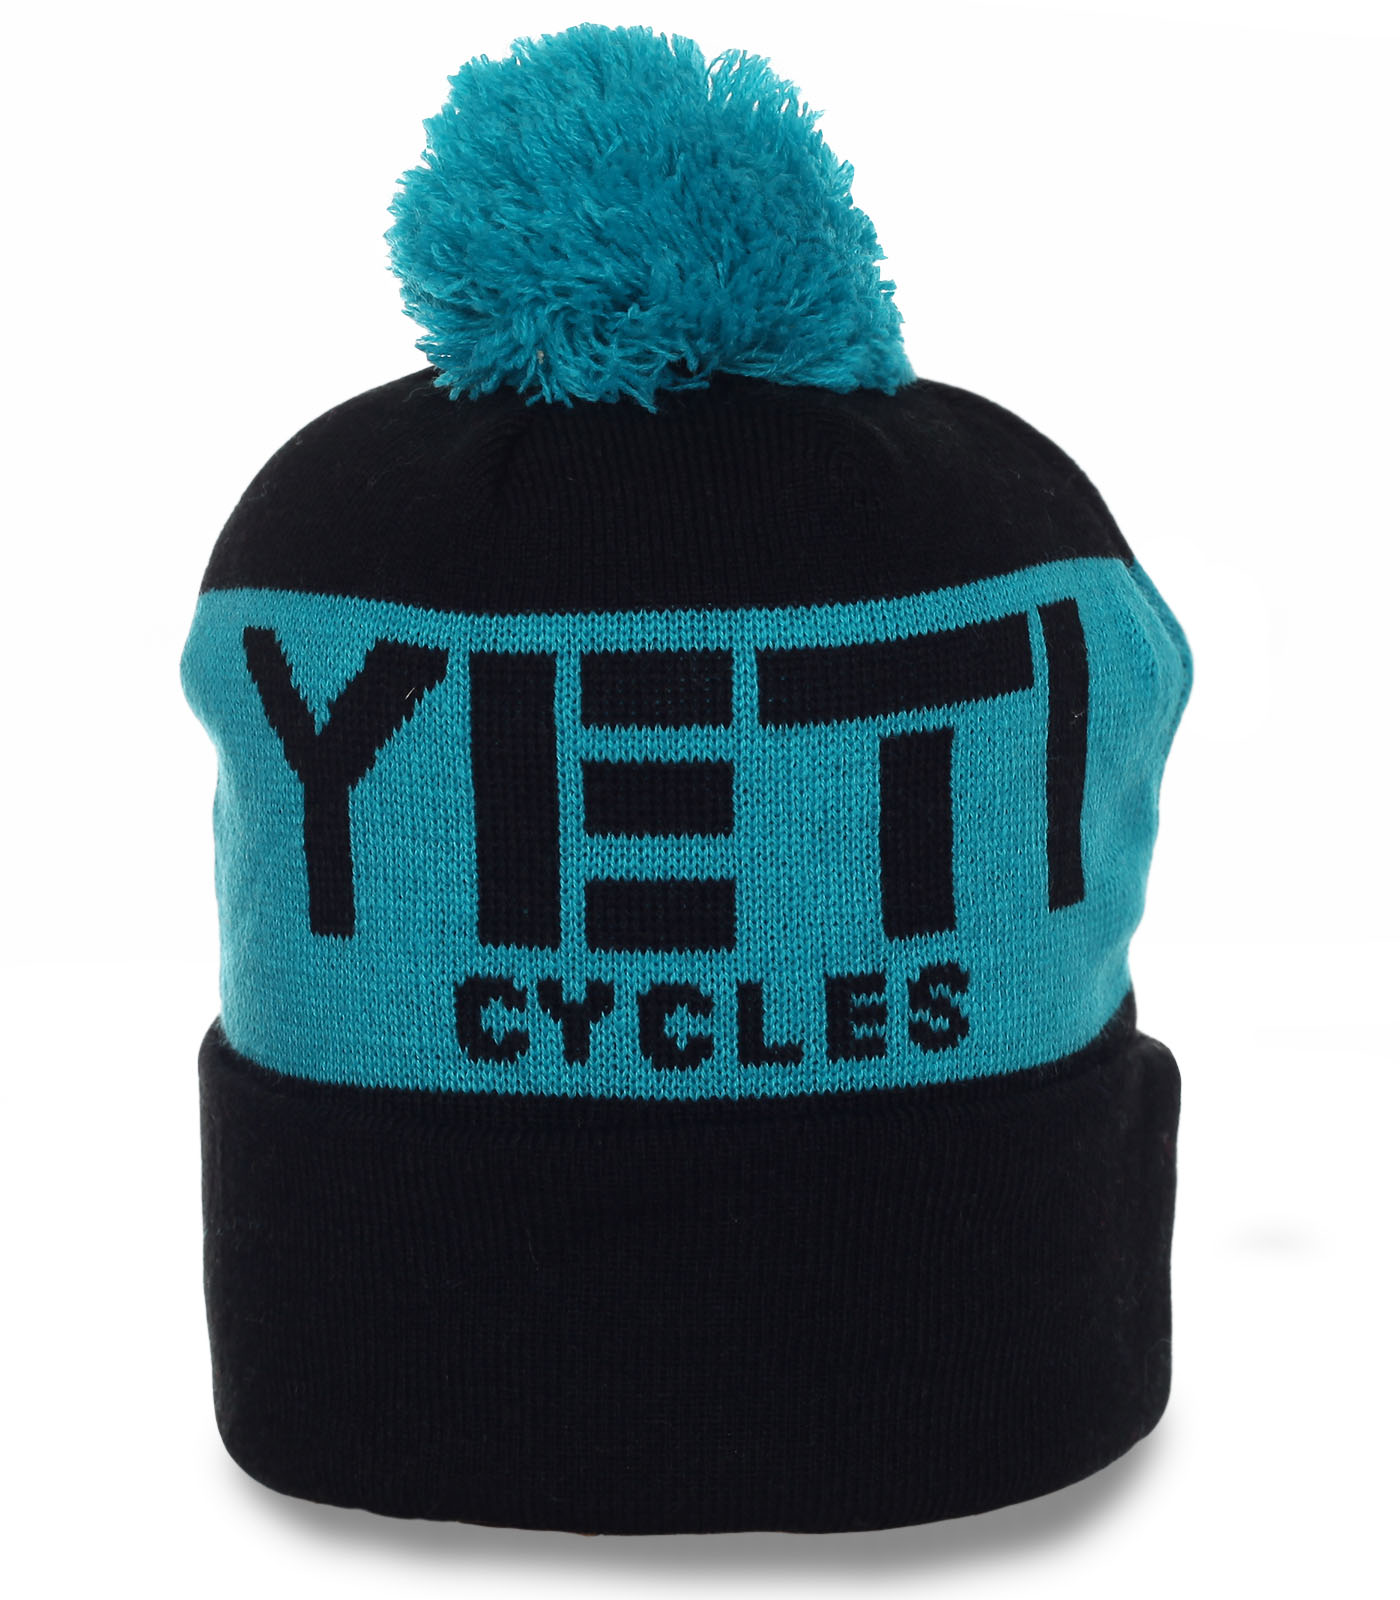 Мужская шапка Yeti Cycles. Спортивная модель для активных парней